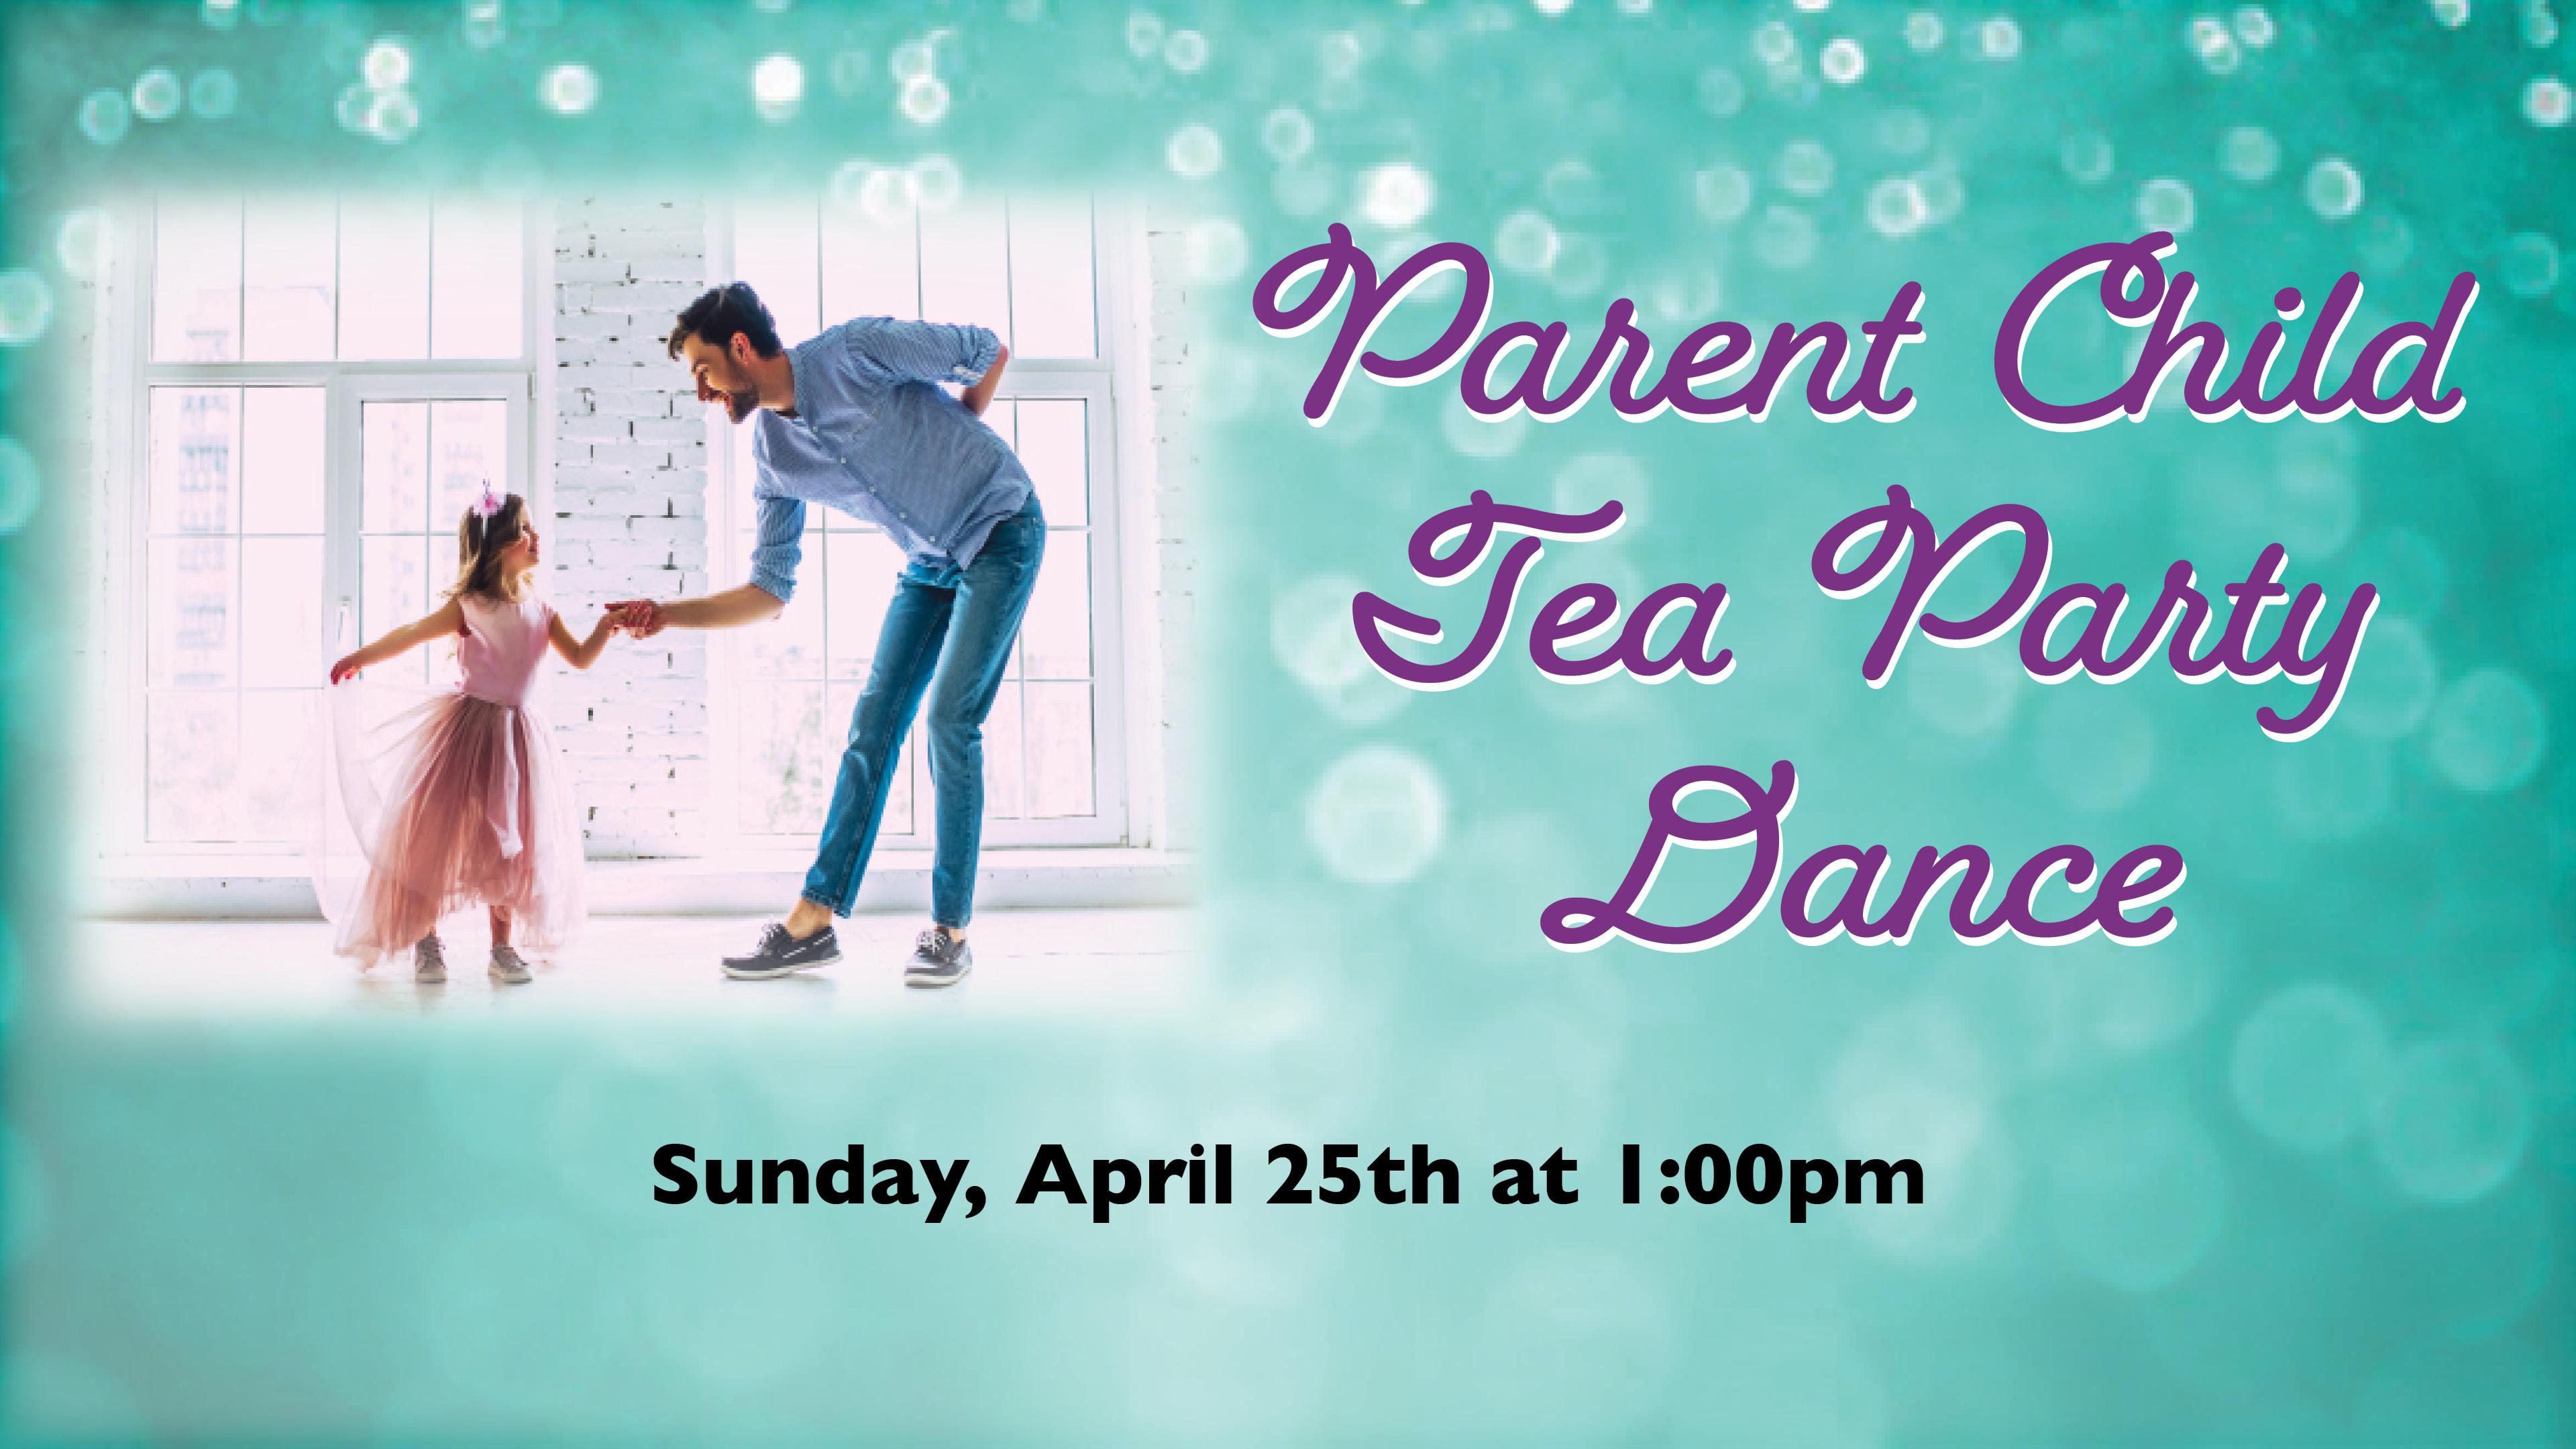 Parent-Child Tea Party Dance